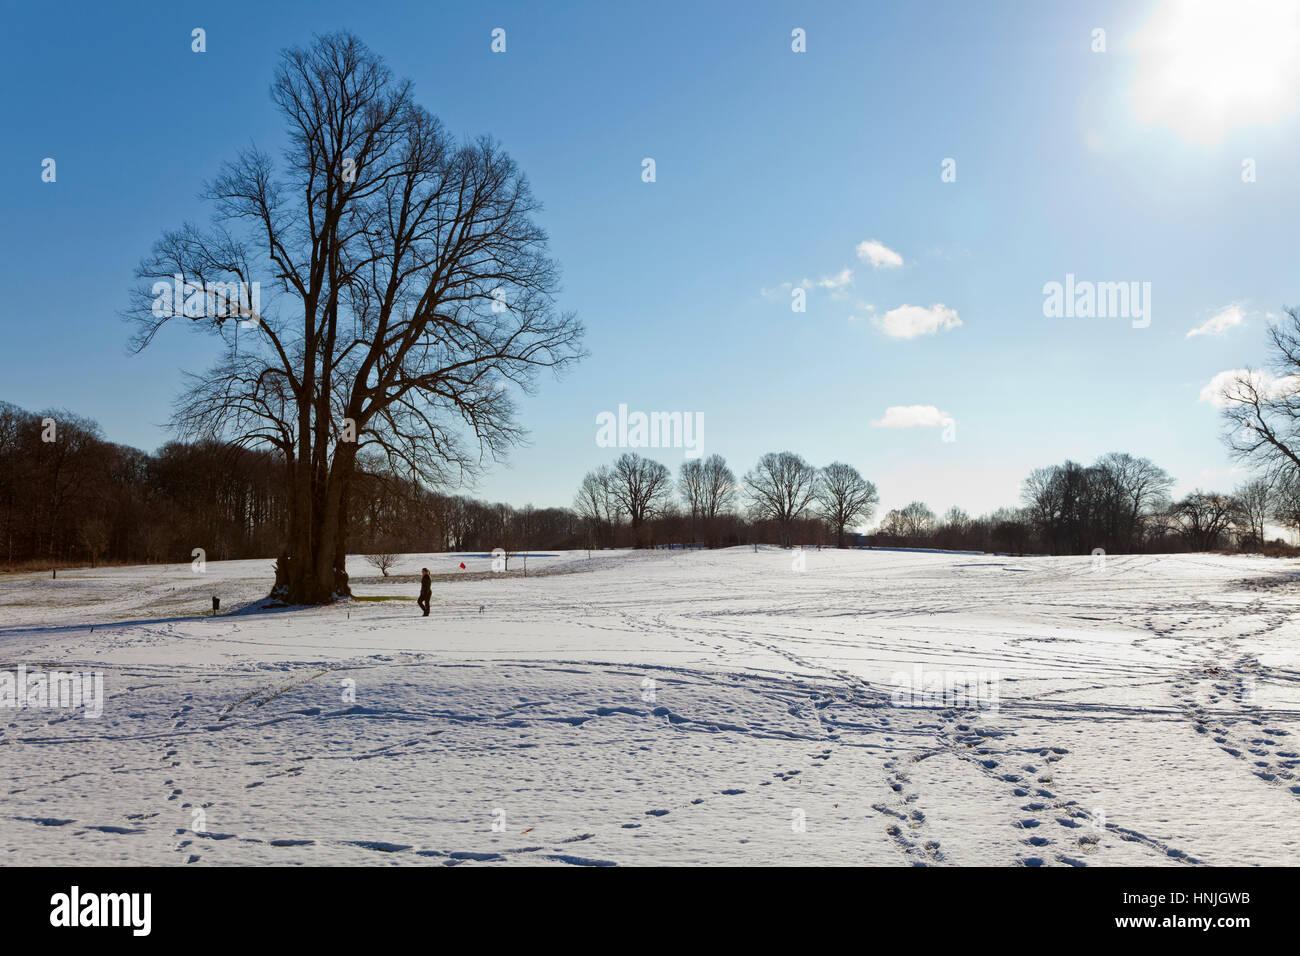 a-sunny-winter-landscape-a-blue-sky-bare